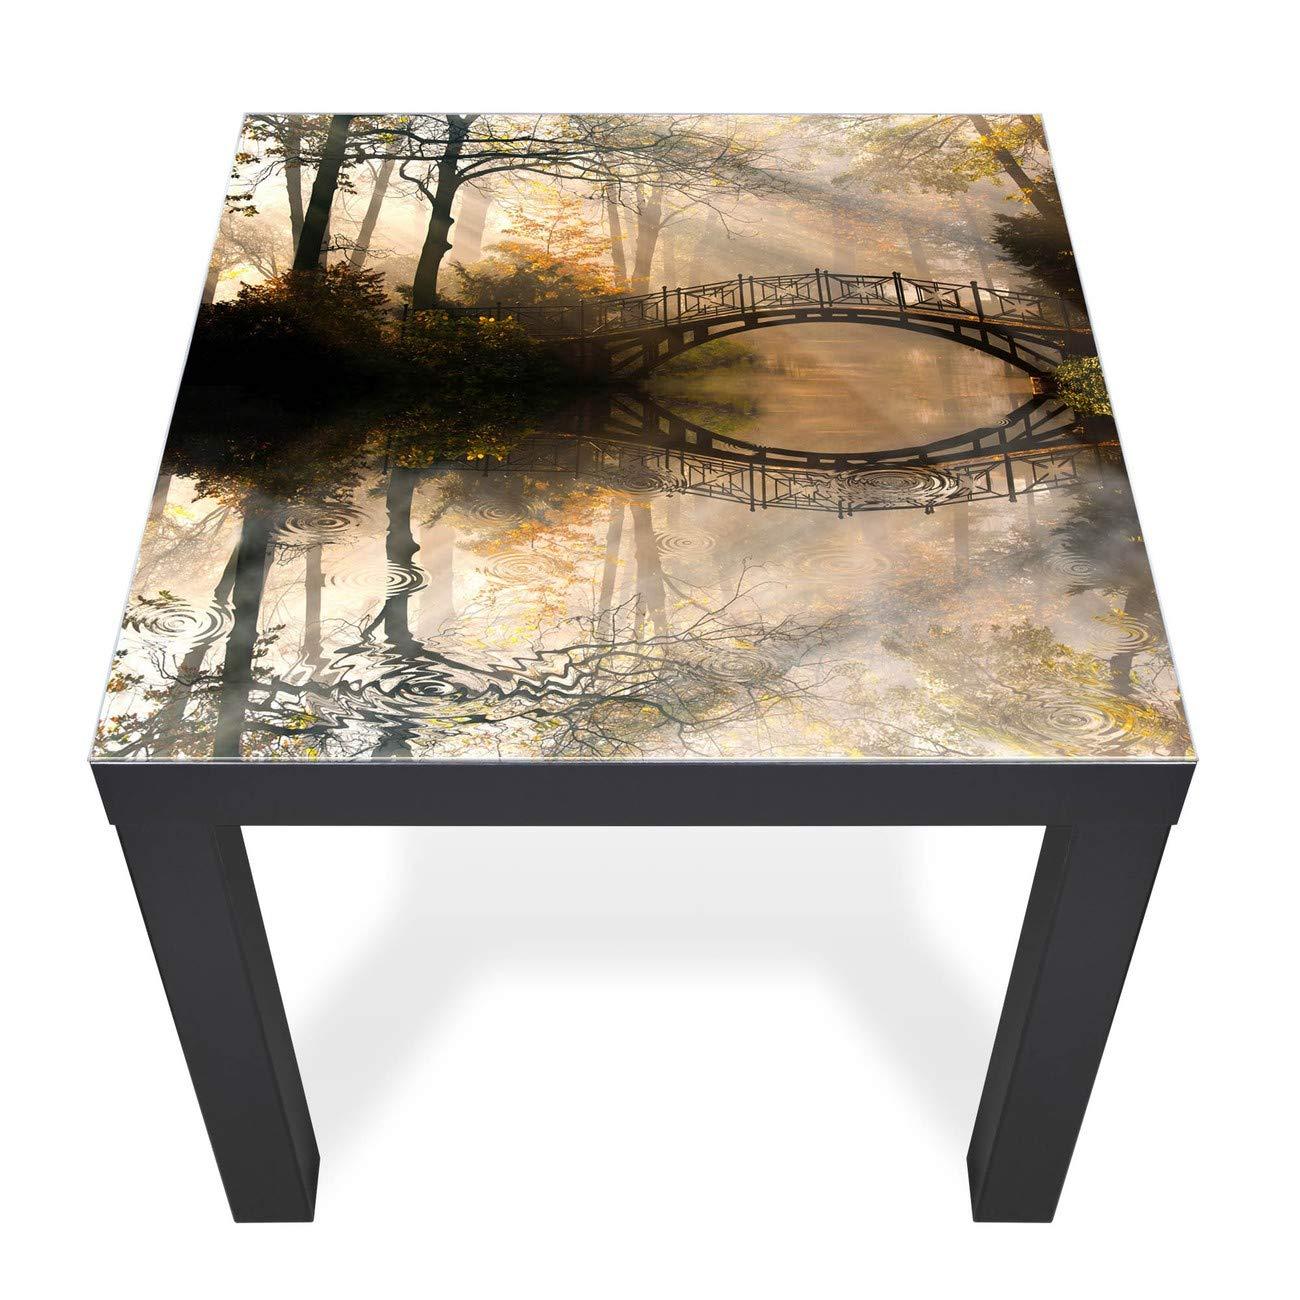 Banjado Glas Abdeckplatte Tisch 55x55cm Glasplatte Englischer